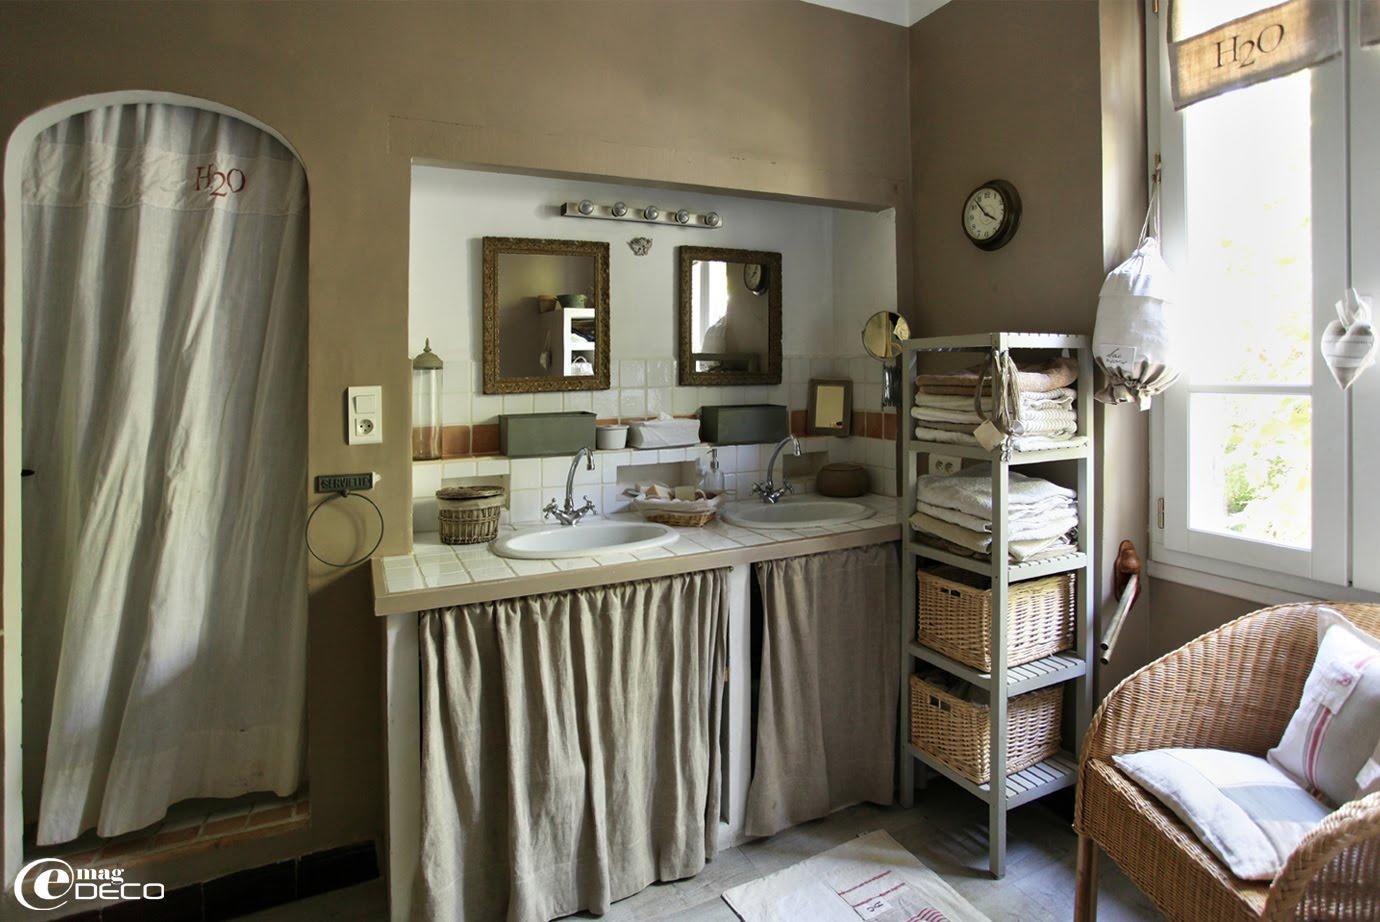 Fenetre salle de bain rideau for Rideau fenetre salle de bain